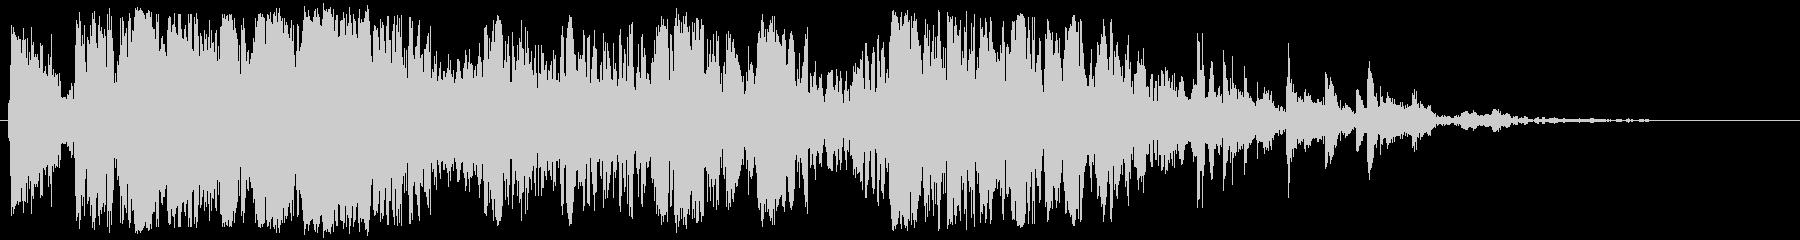 ビッグメタルとジャンククラッシュの未再生の波形